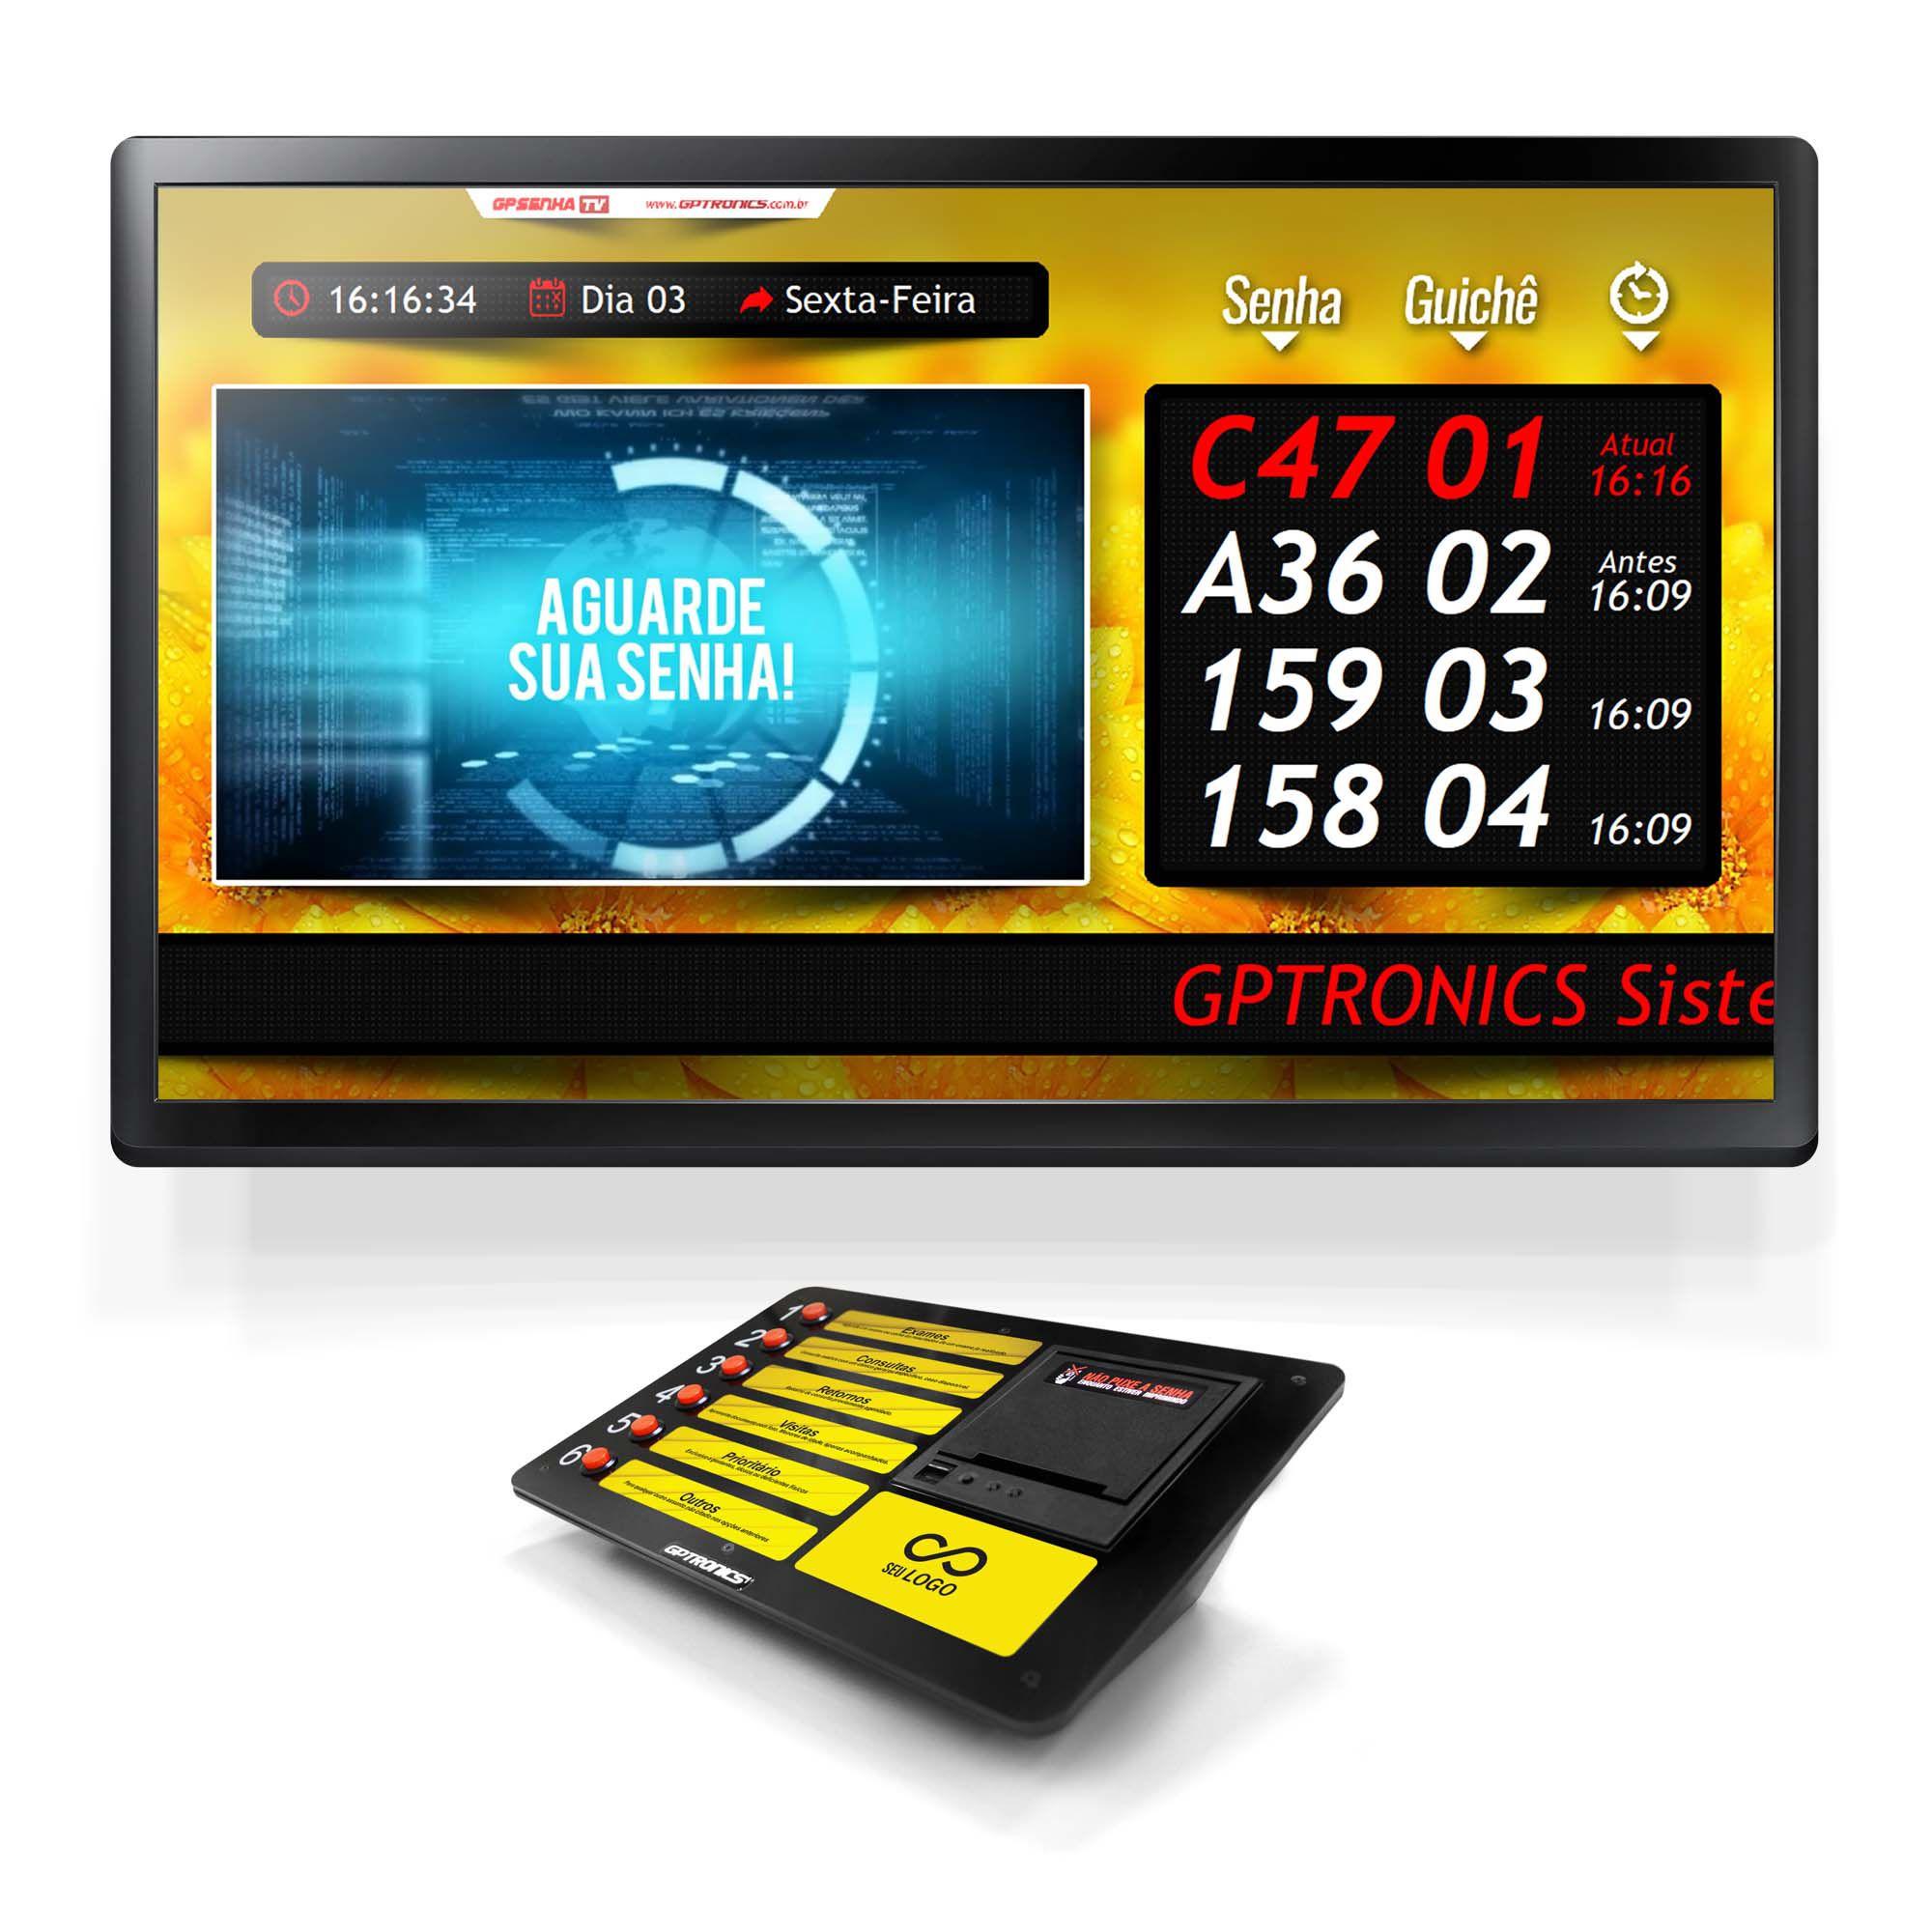 Multi Agilize TV com Impressora de Senhas Print602 + Totem + Softwares GPSenhaTV e GPSenha